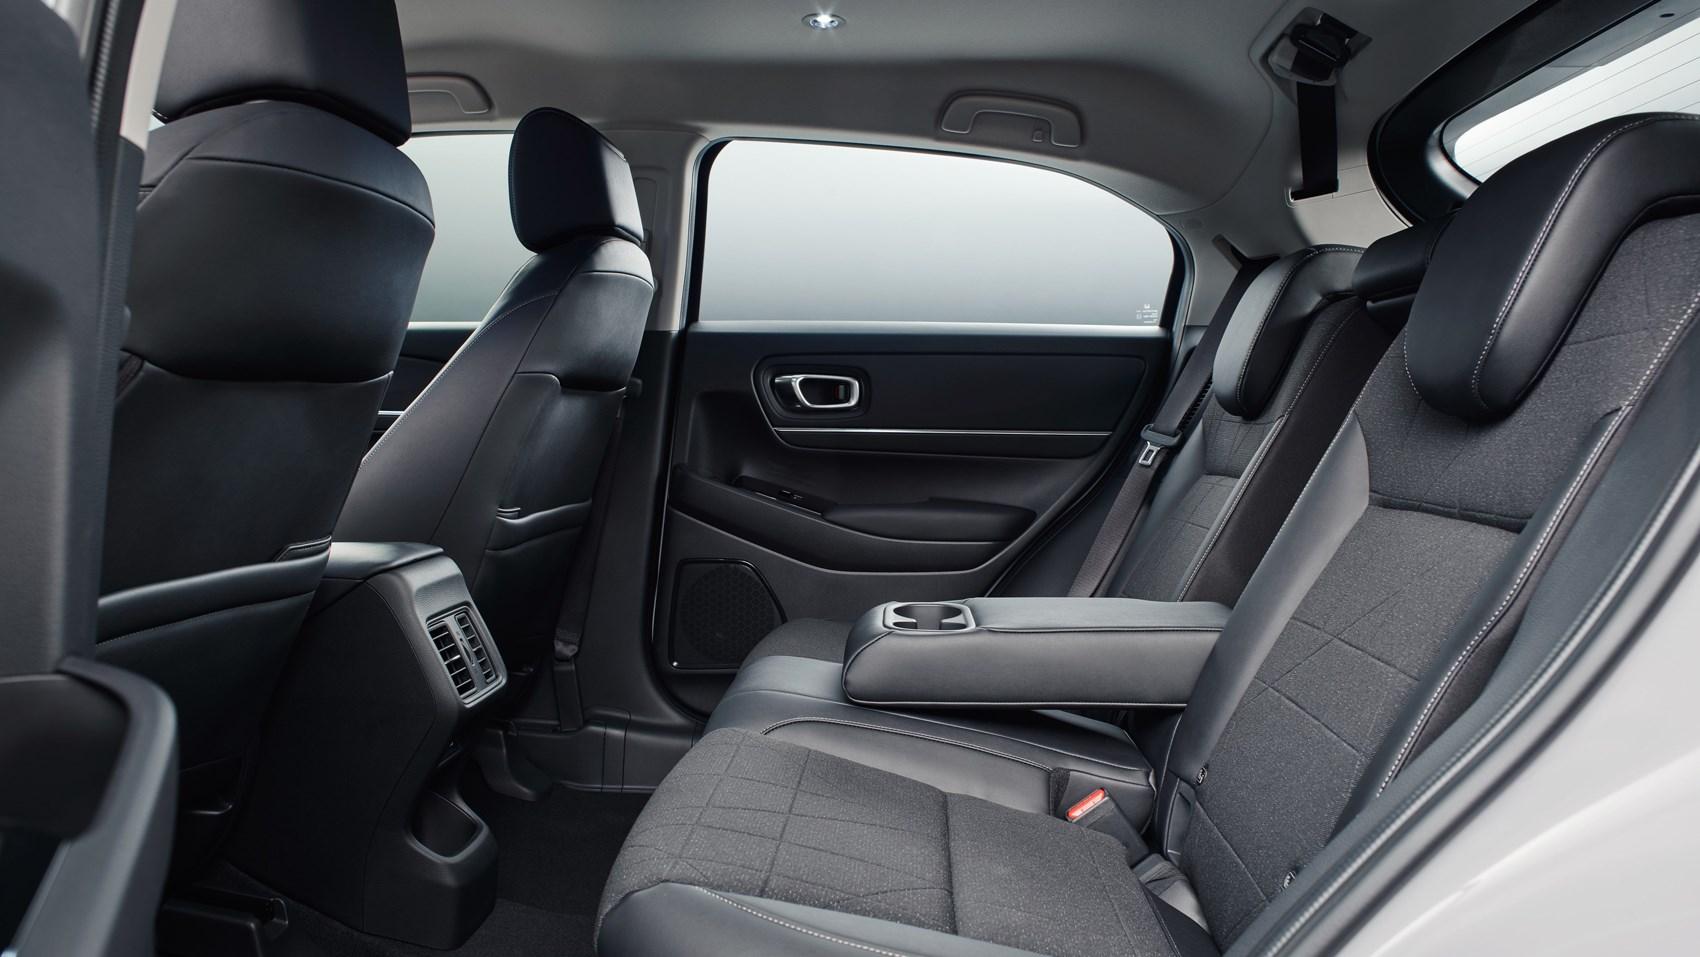 hrv rear seats